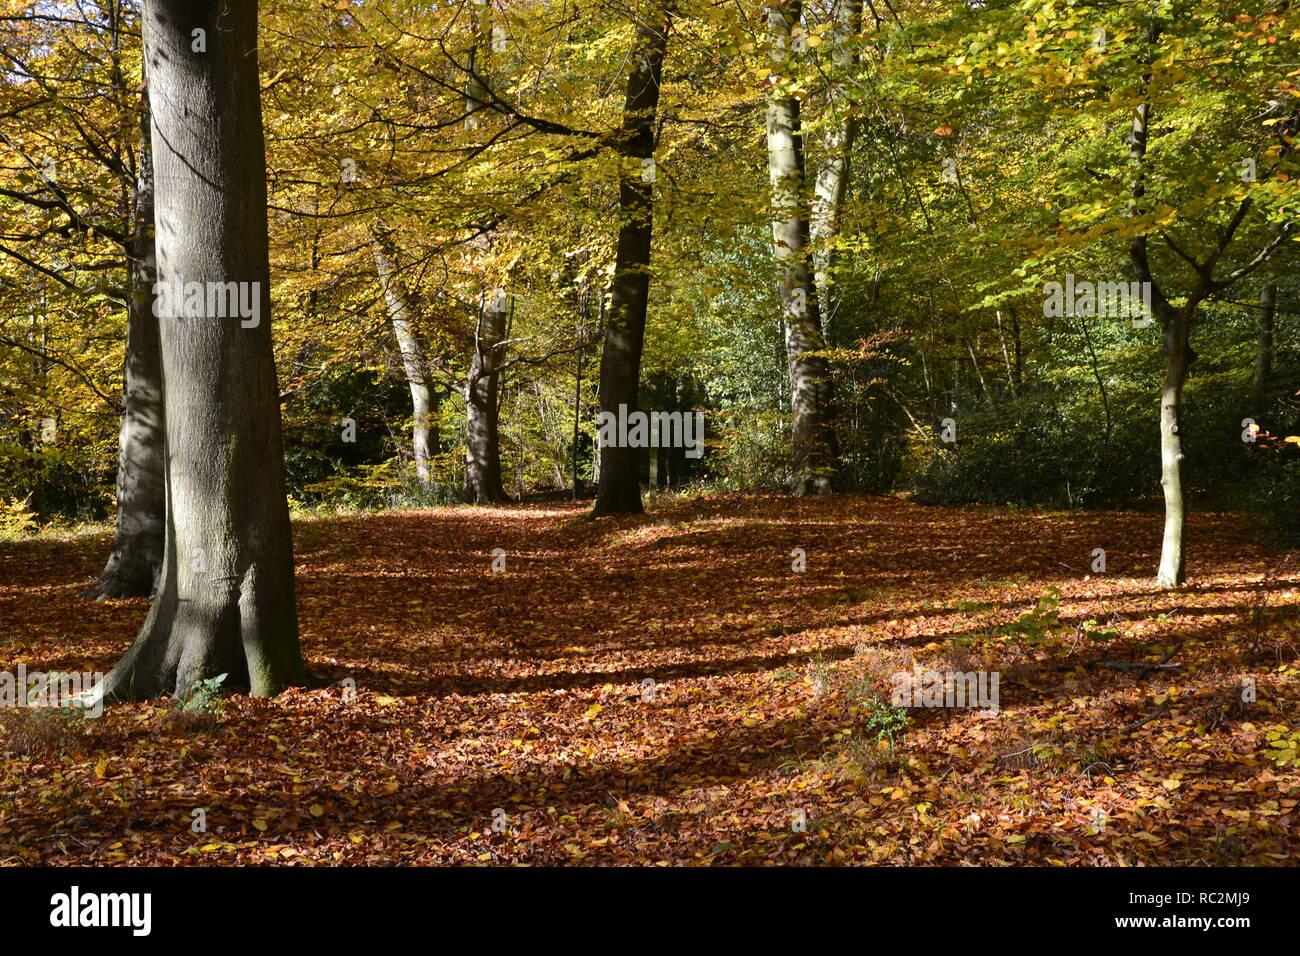 Bradenham Woods, at Bradenham, High Wycombe, Buckinghamshire, UK - Stock Image